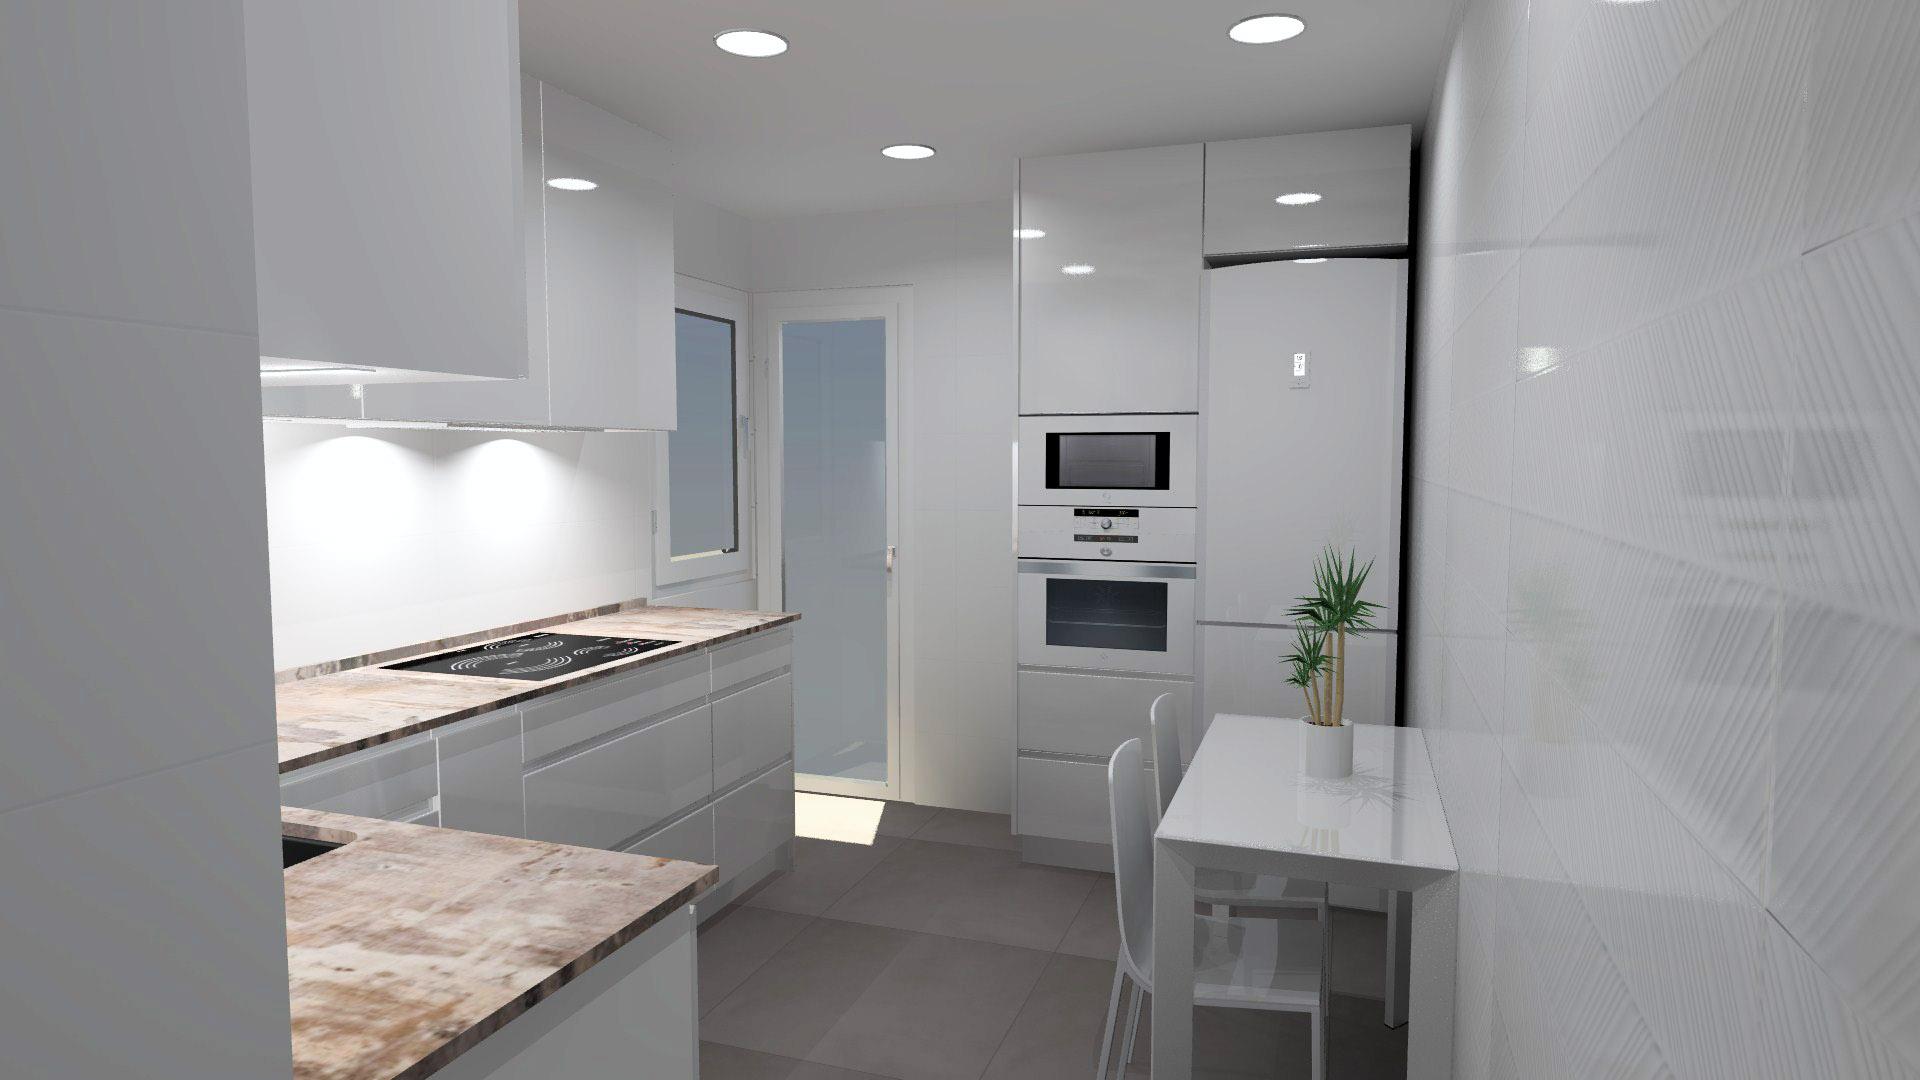 Planos en 3D- Estudio de cocinas